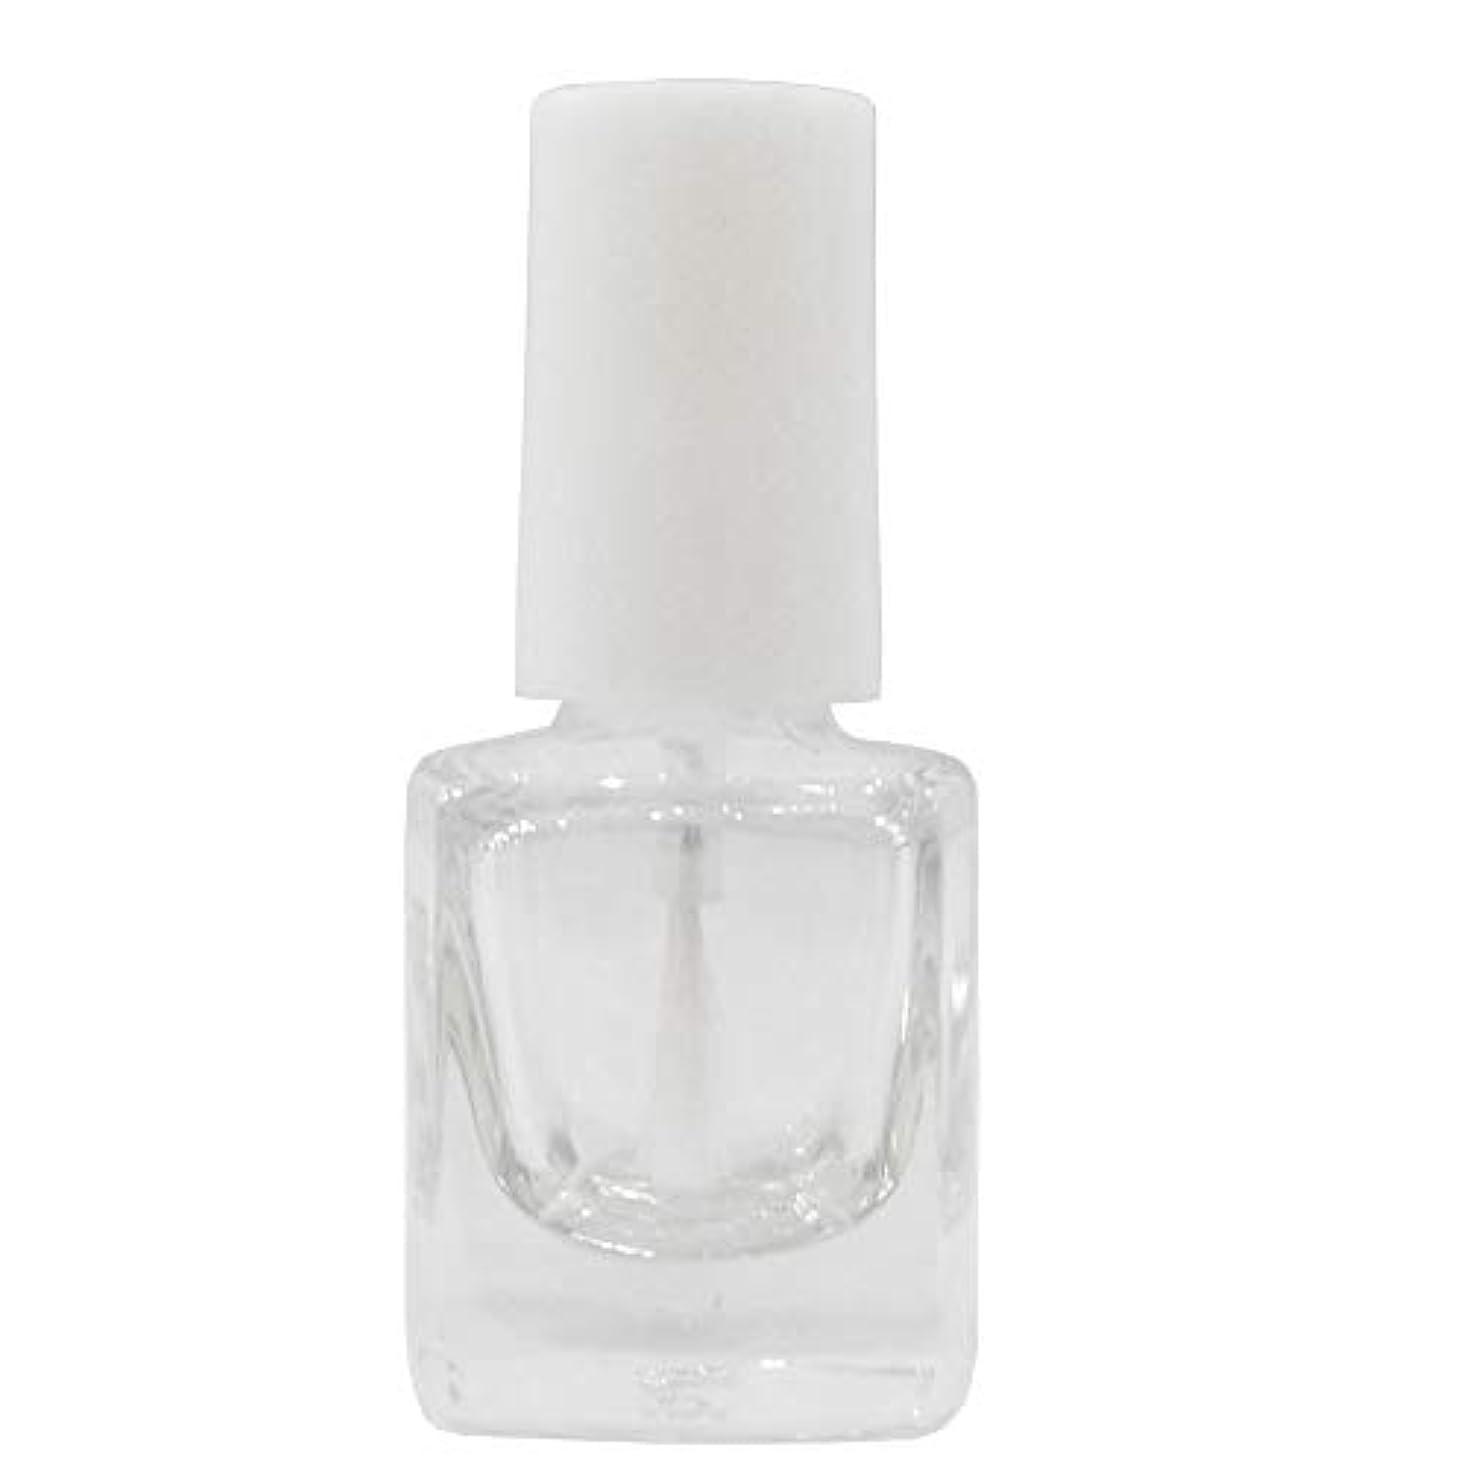 去る所属トロピカルマニキュア空ボトル5ml用?甘皮オイルなどを小分けするのに便利なスペアボトル 人気の白い刷毛